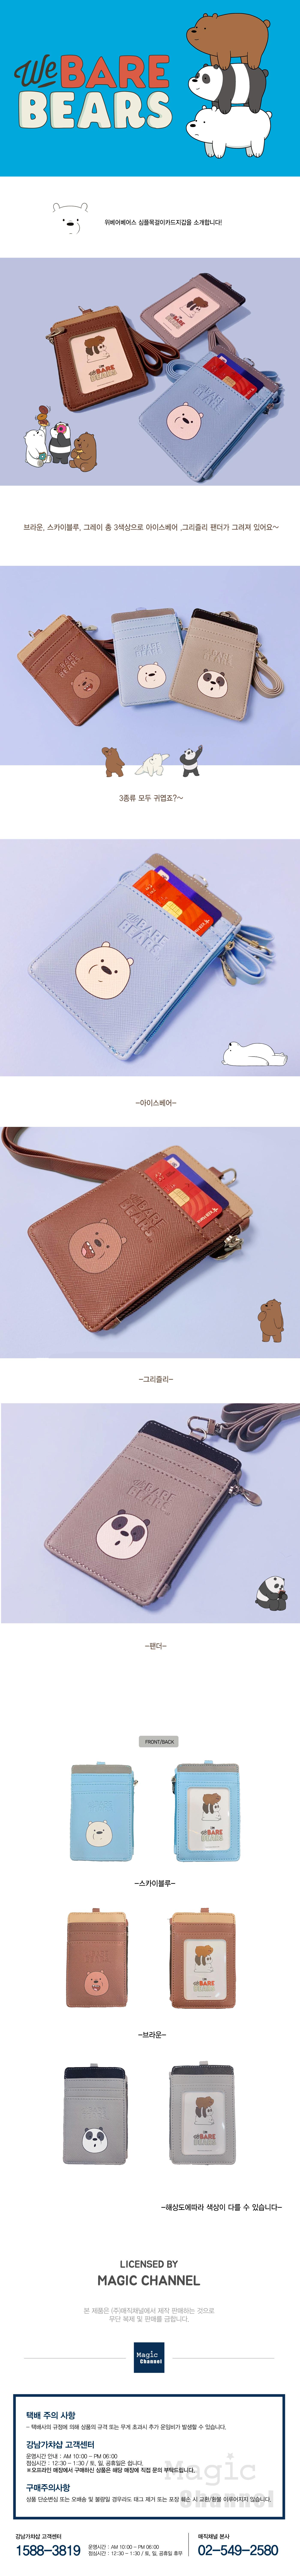 [위베어베어스] 심플목걸이카드지갑8000 - 매직채널, 5,600원, 동전/카드지갑, 카드지갑